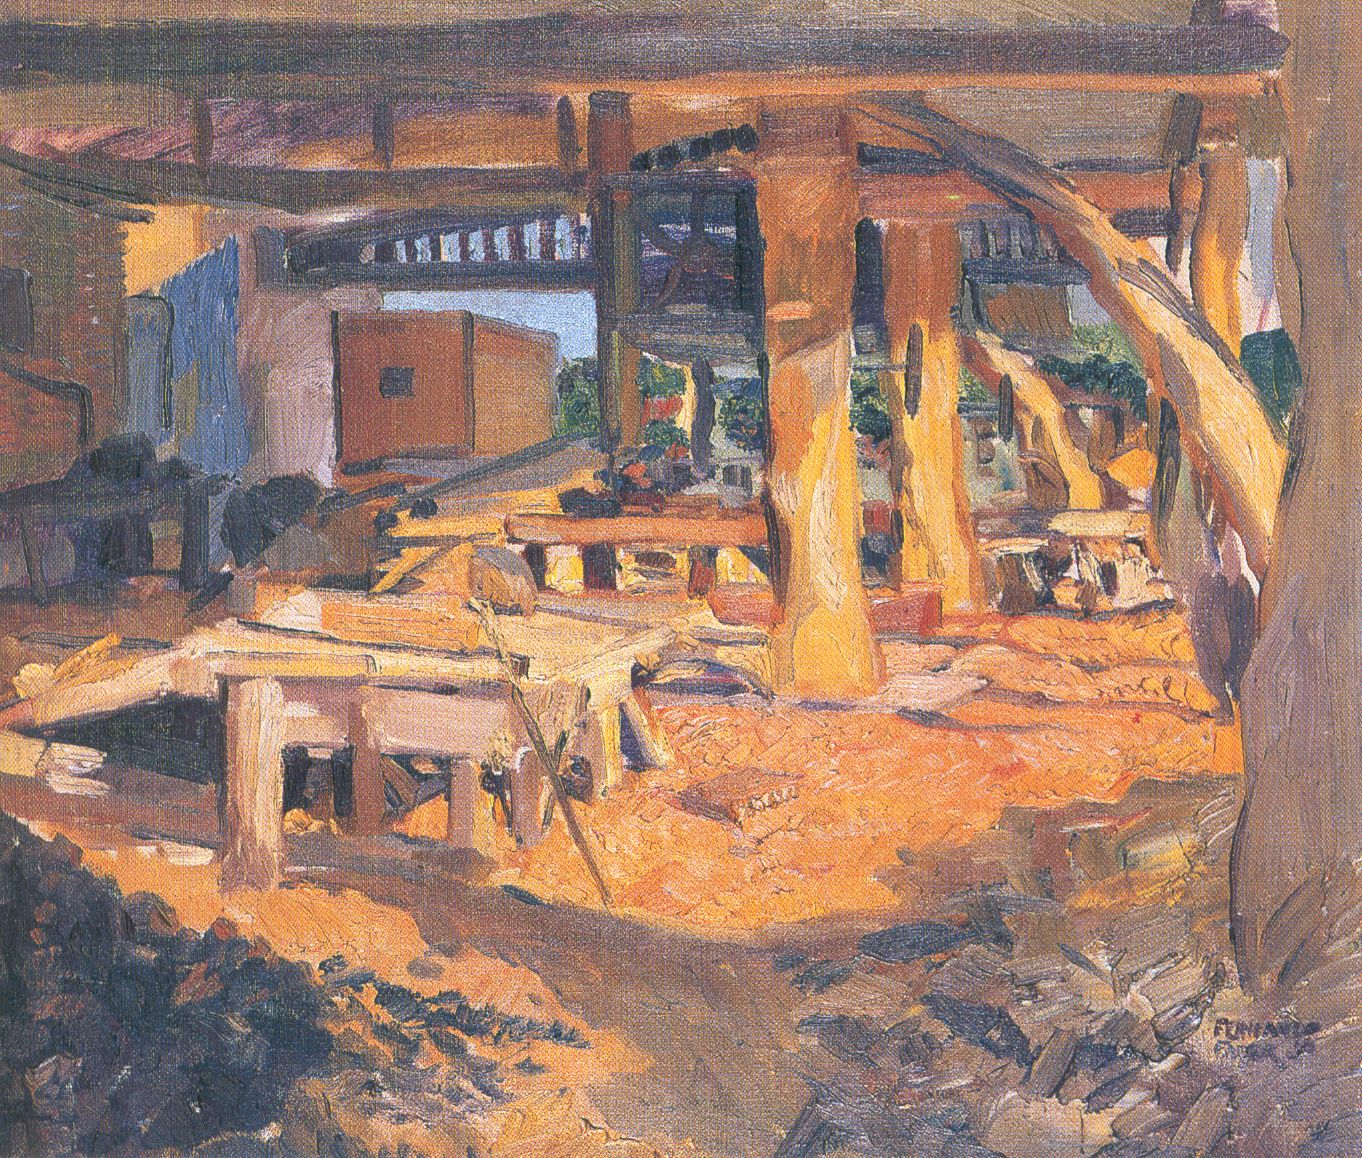 El aserradero de Fernando Fader. Óleo sobre tela. 1907-1908.  Colección de la Pinacoteca del Ministerio de Educación y Deportes.